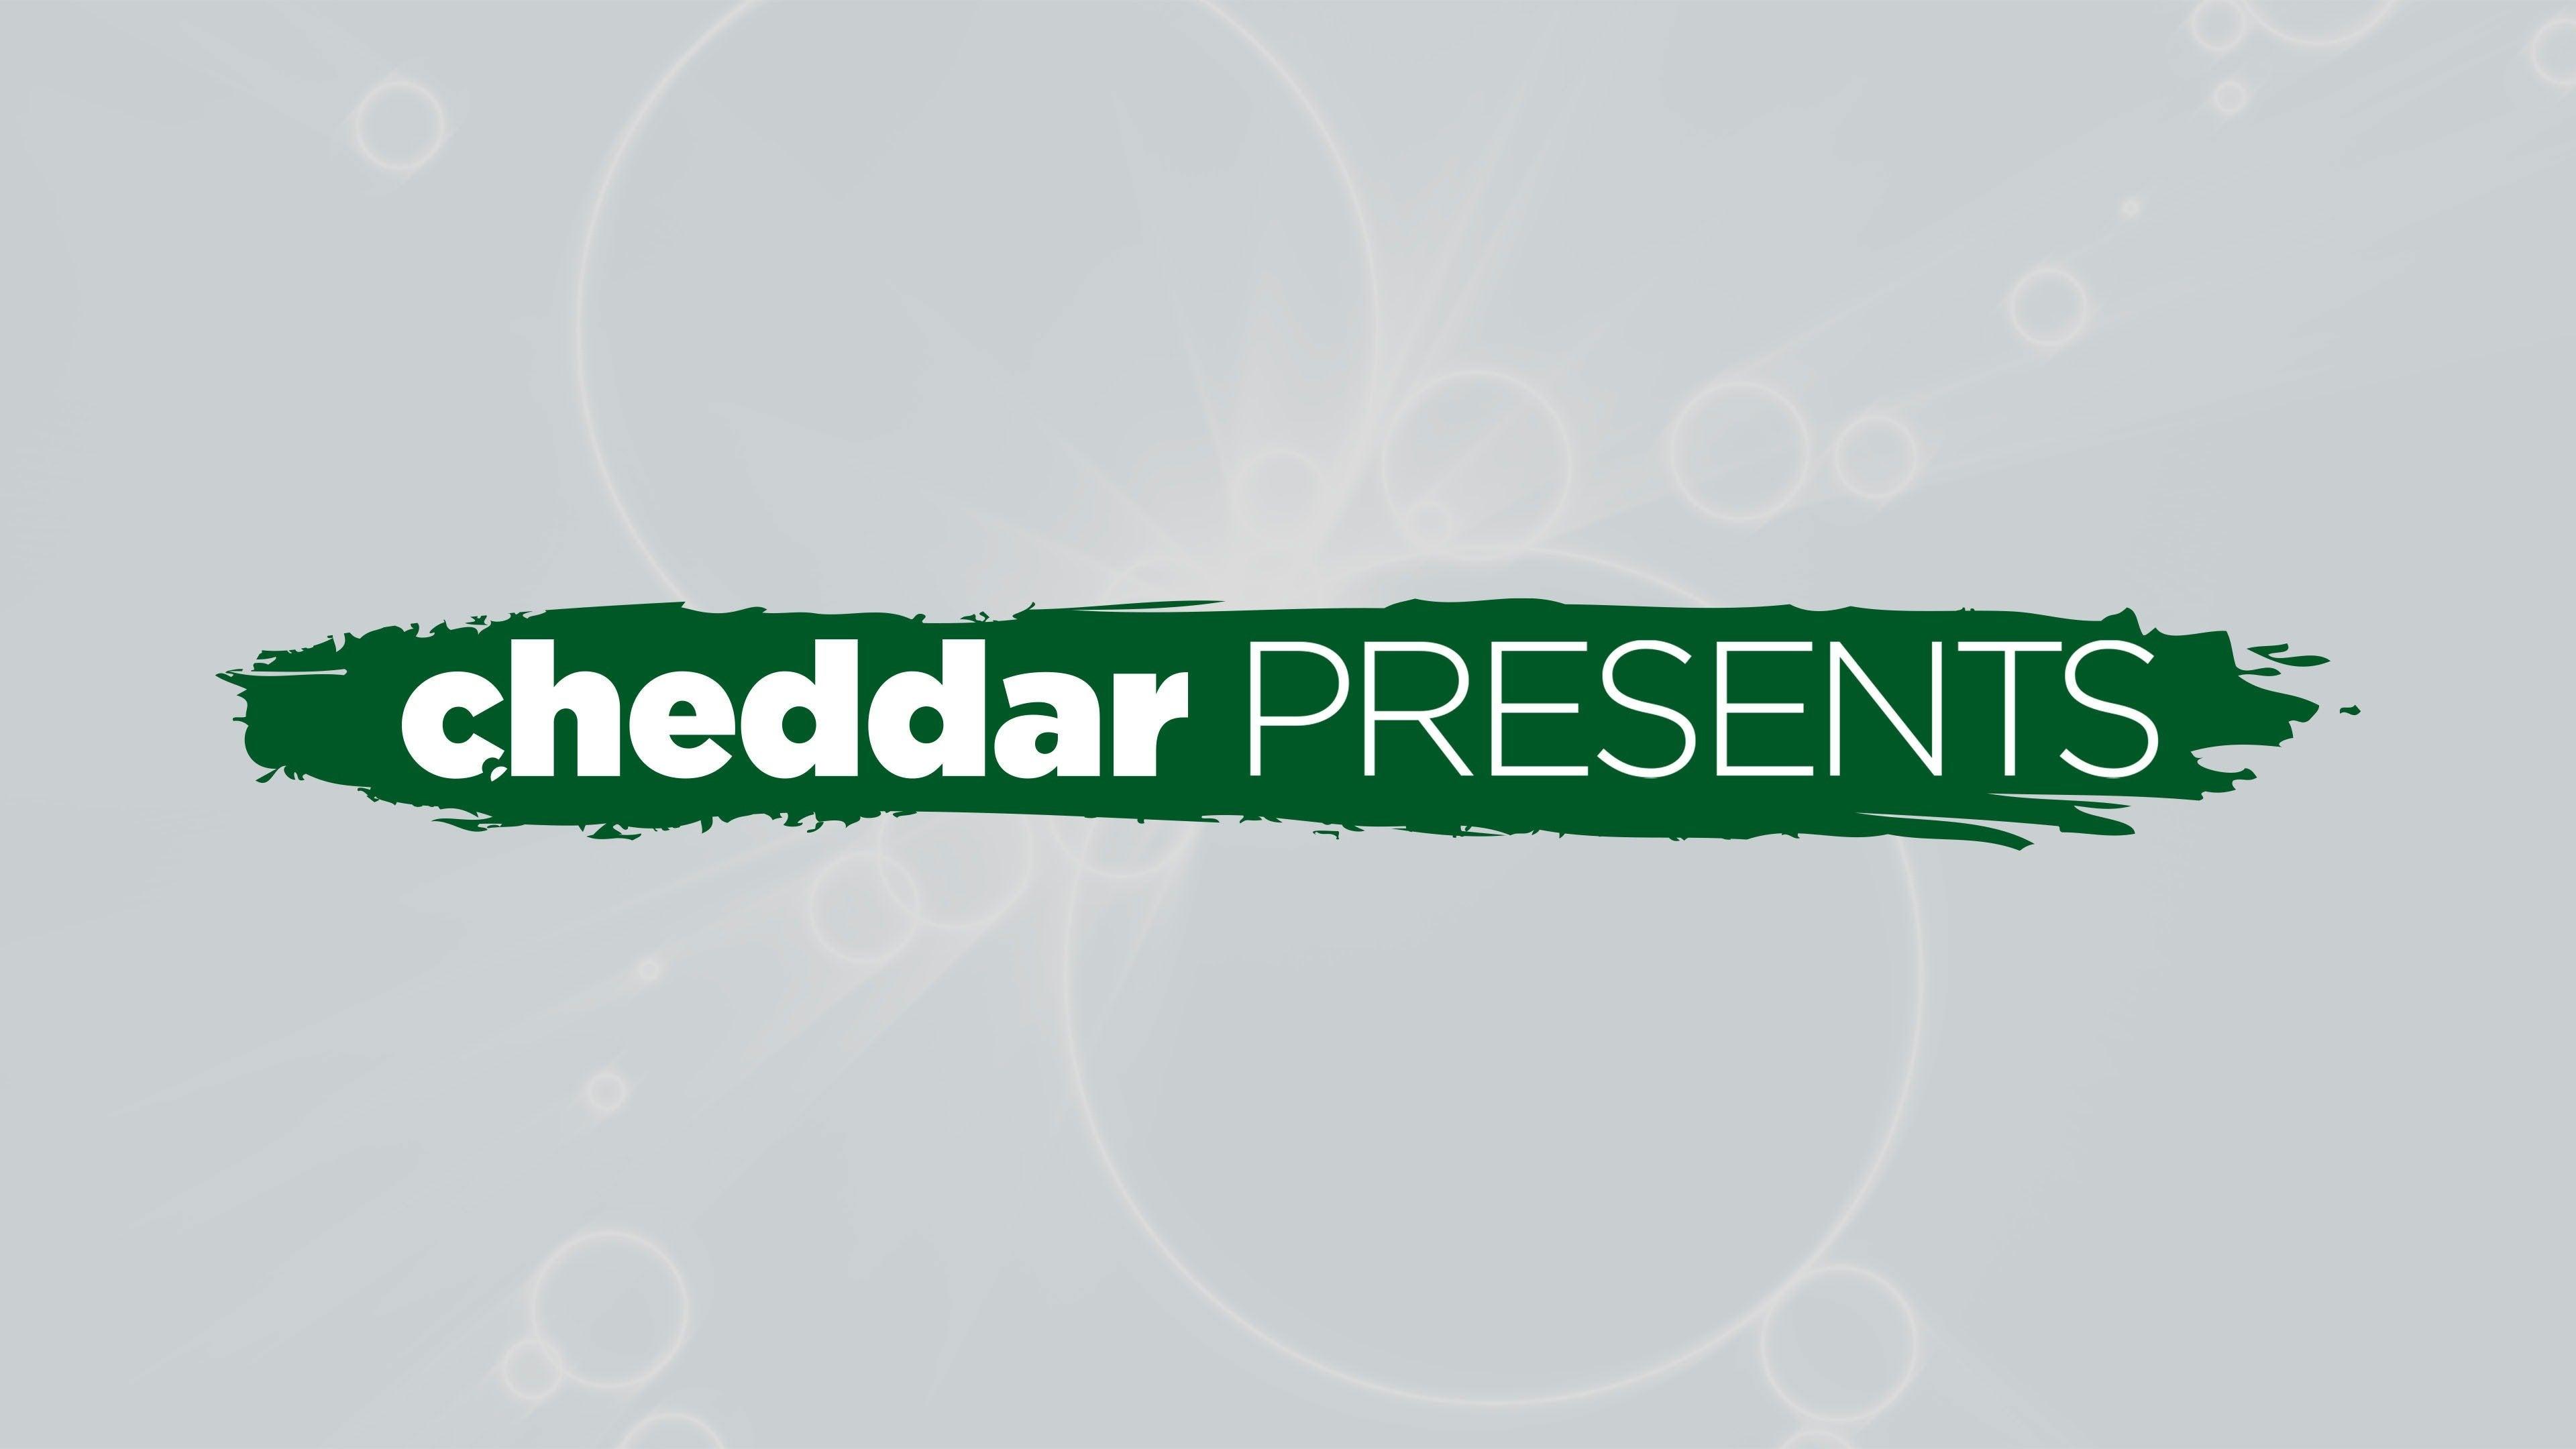 Cheddar Presents